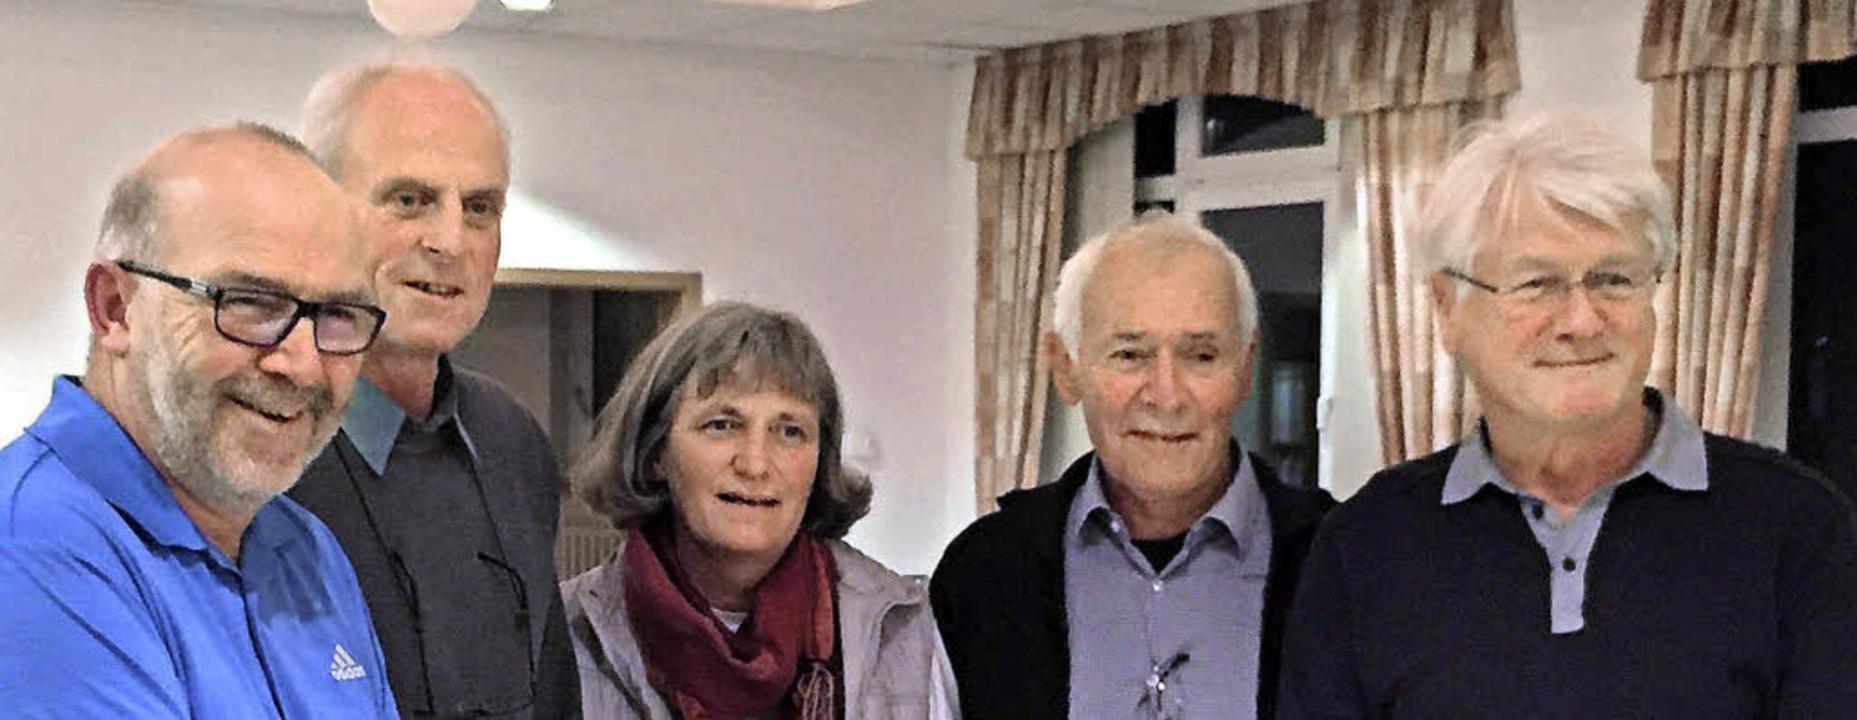 Das Vorstandsteam (von links): Thomas ...in Maria Hartinger fehlt in der Runde.    Foto: ZVG